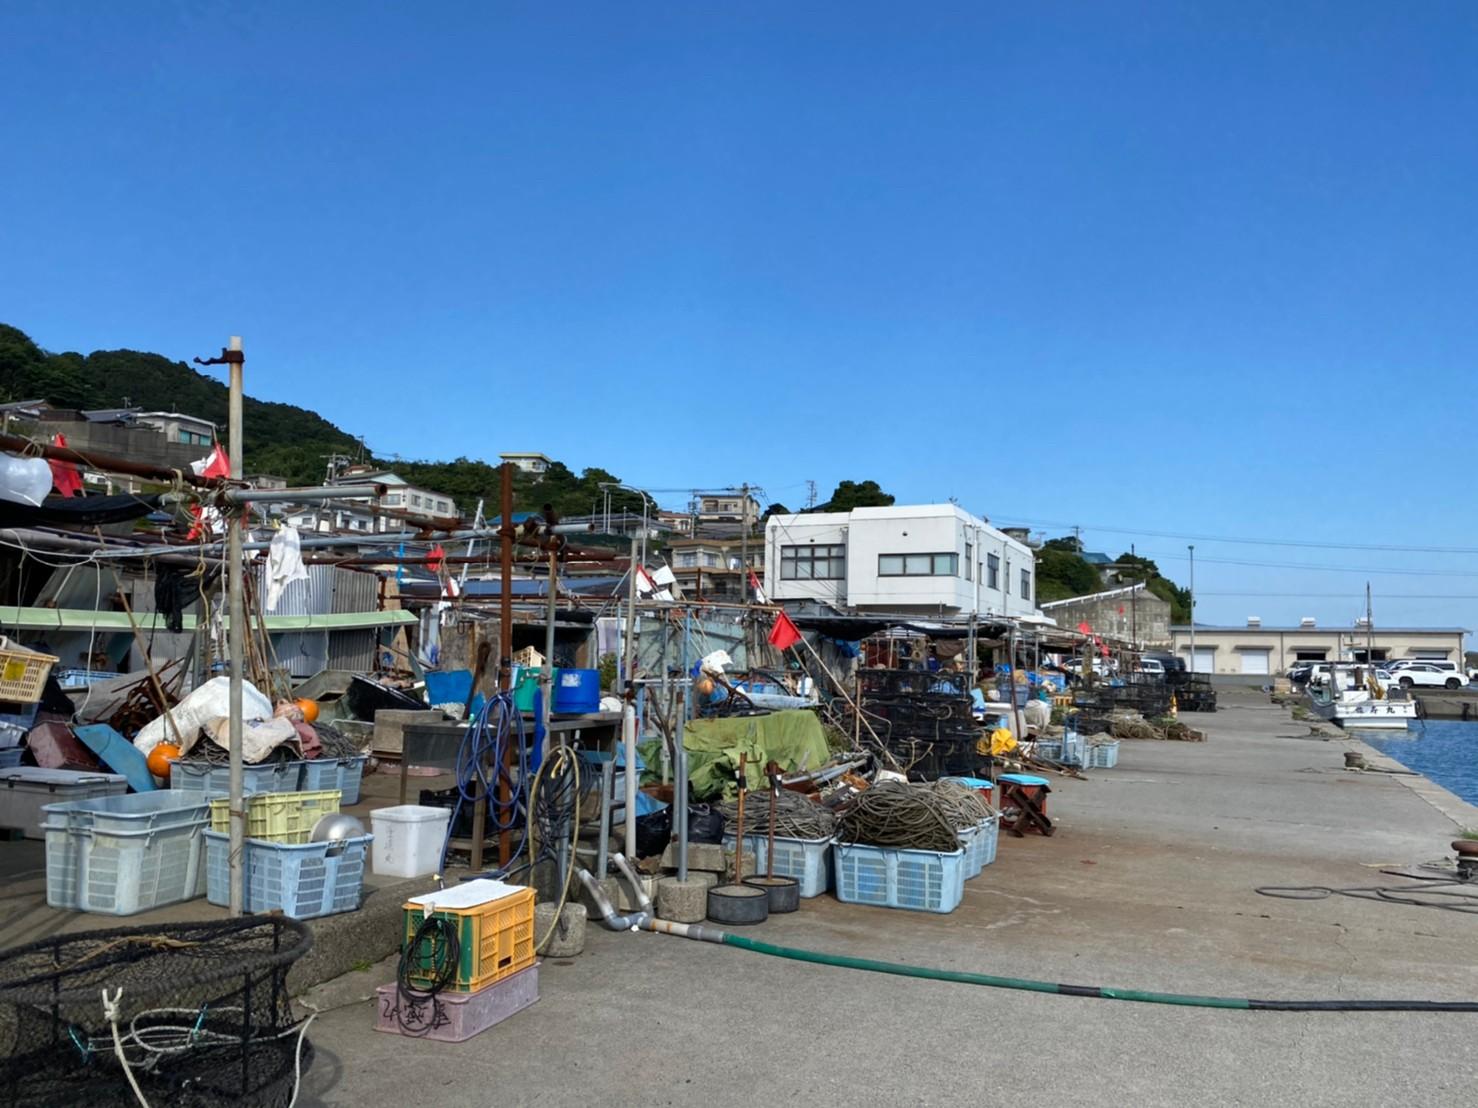 【三重県鳥羽市】『石鏡漁港』の海釣りガイド(釣れる魚・駐車場・トイレ)